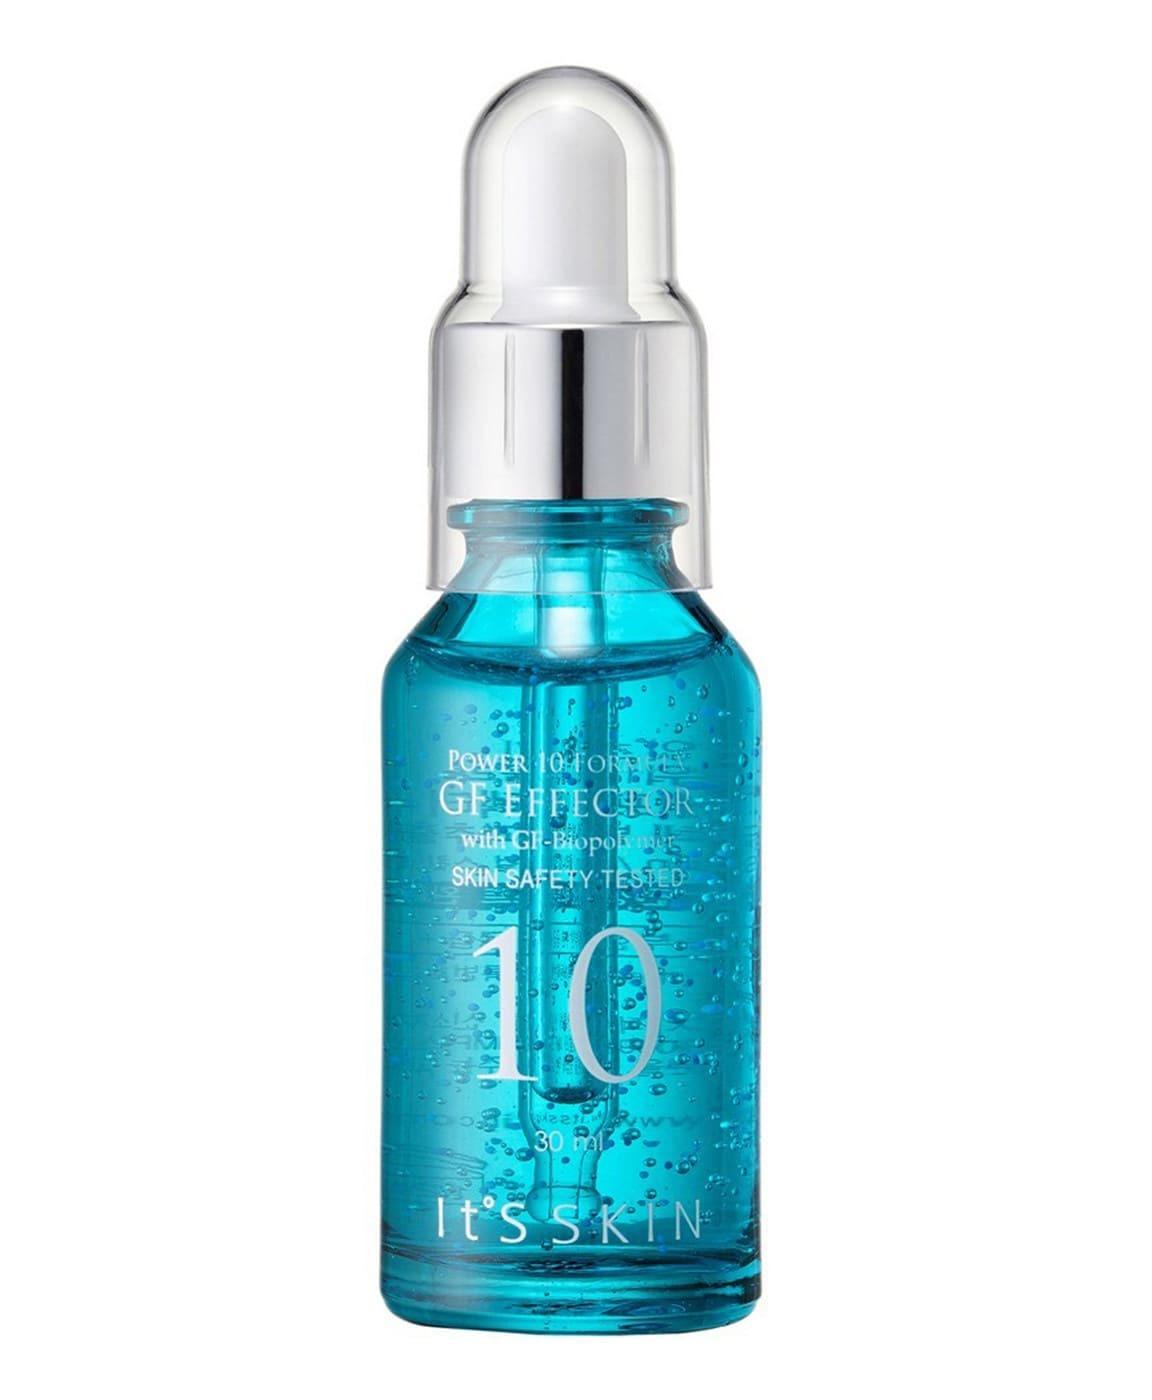 Увлажняющая концентрированная сыворотка - It`s Skin Power 10 Formula GF Effector